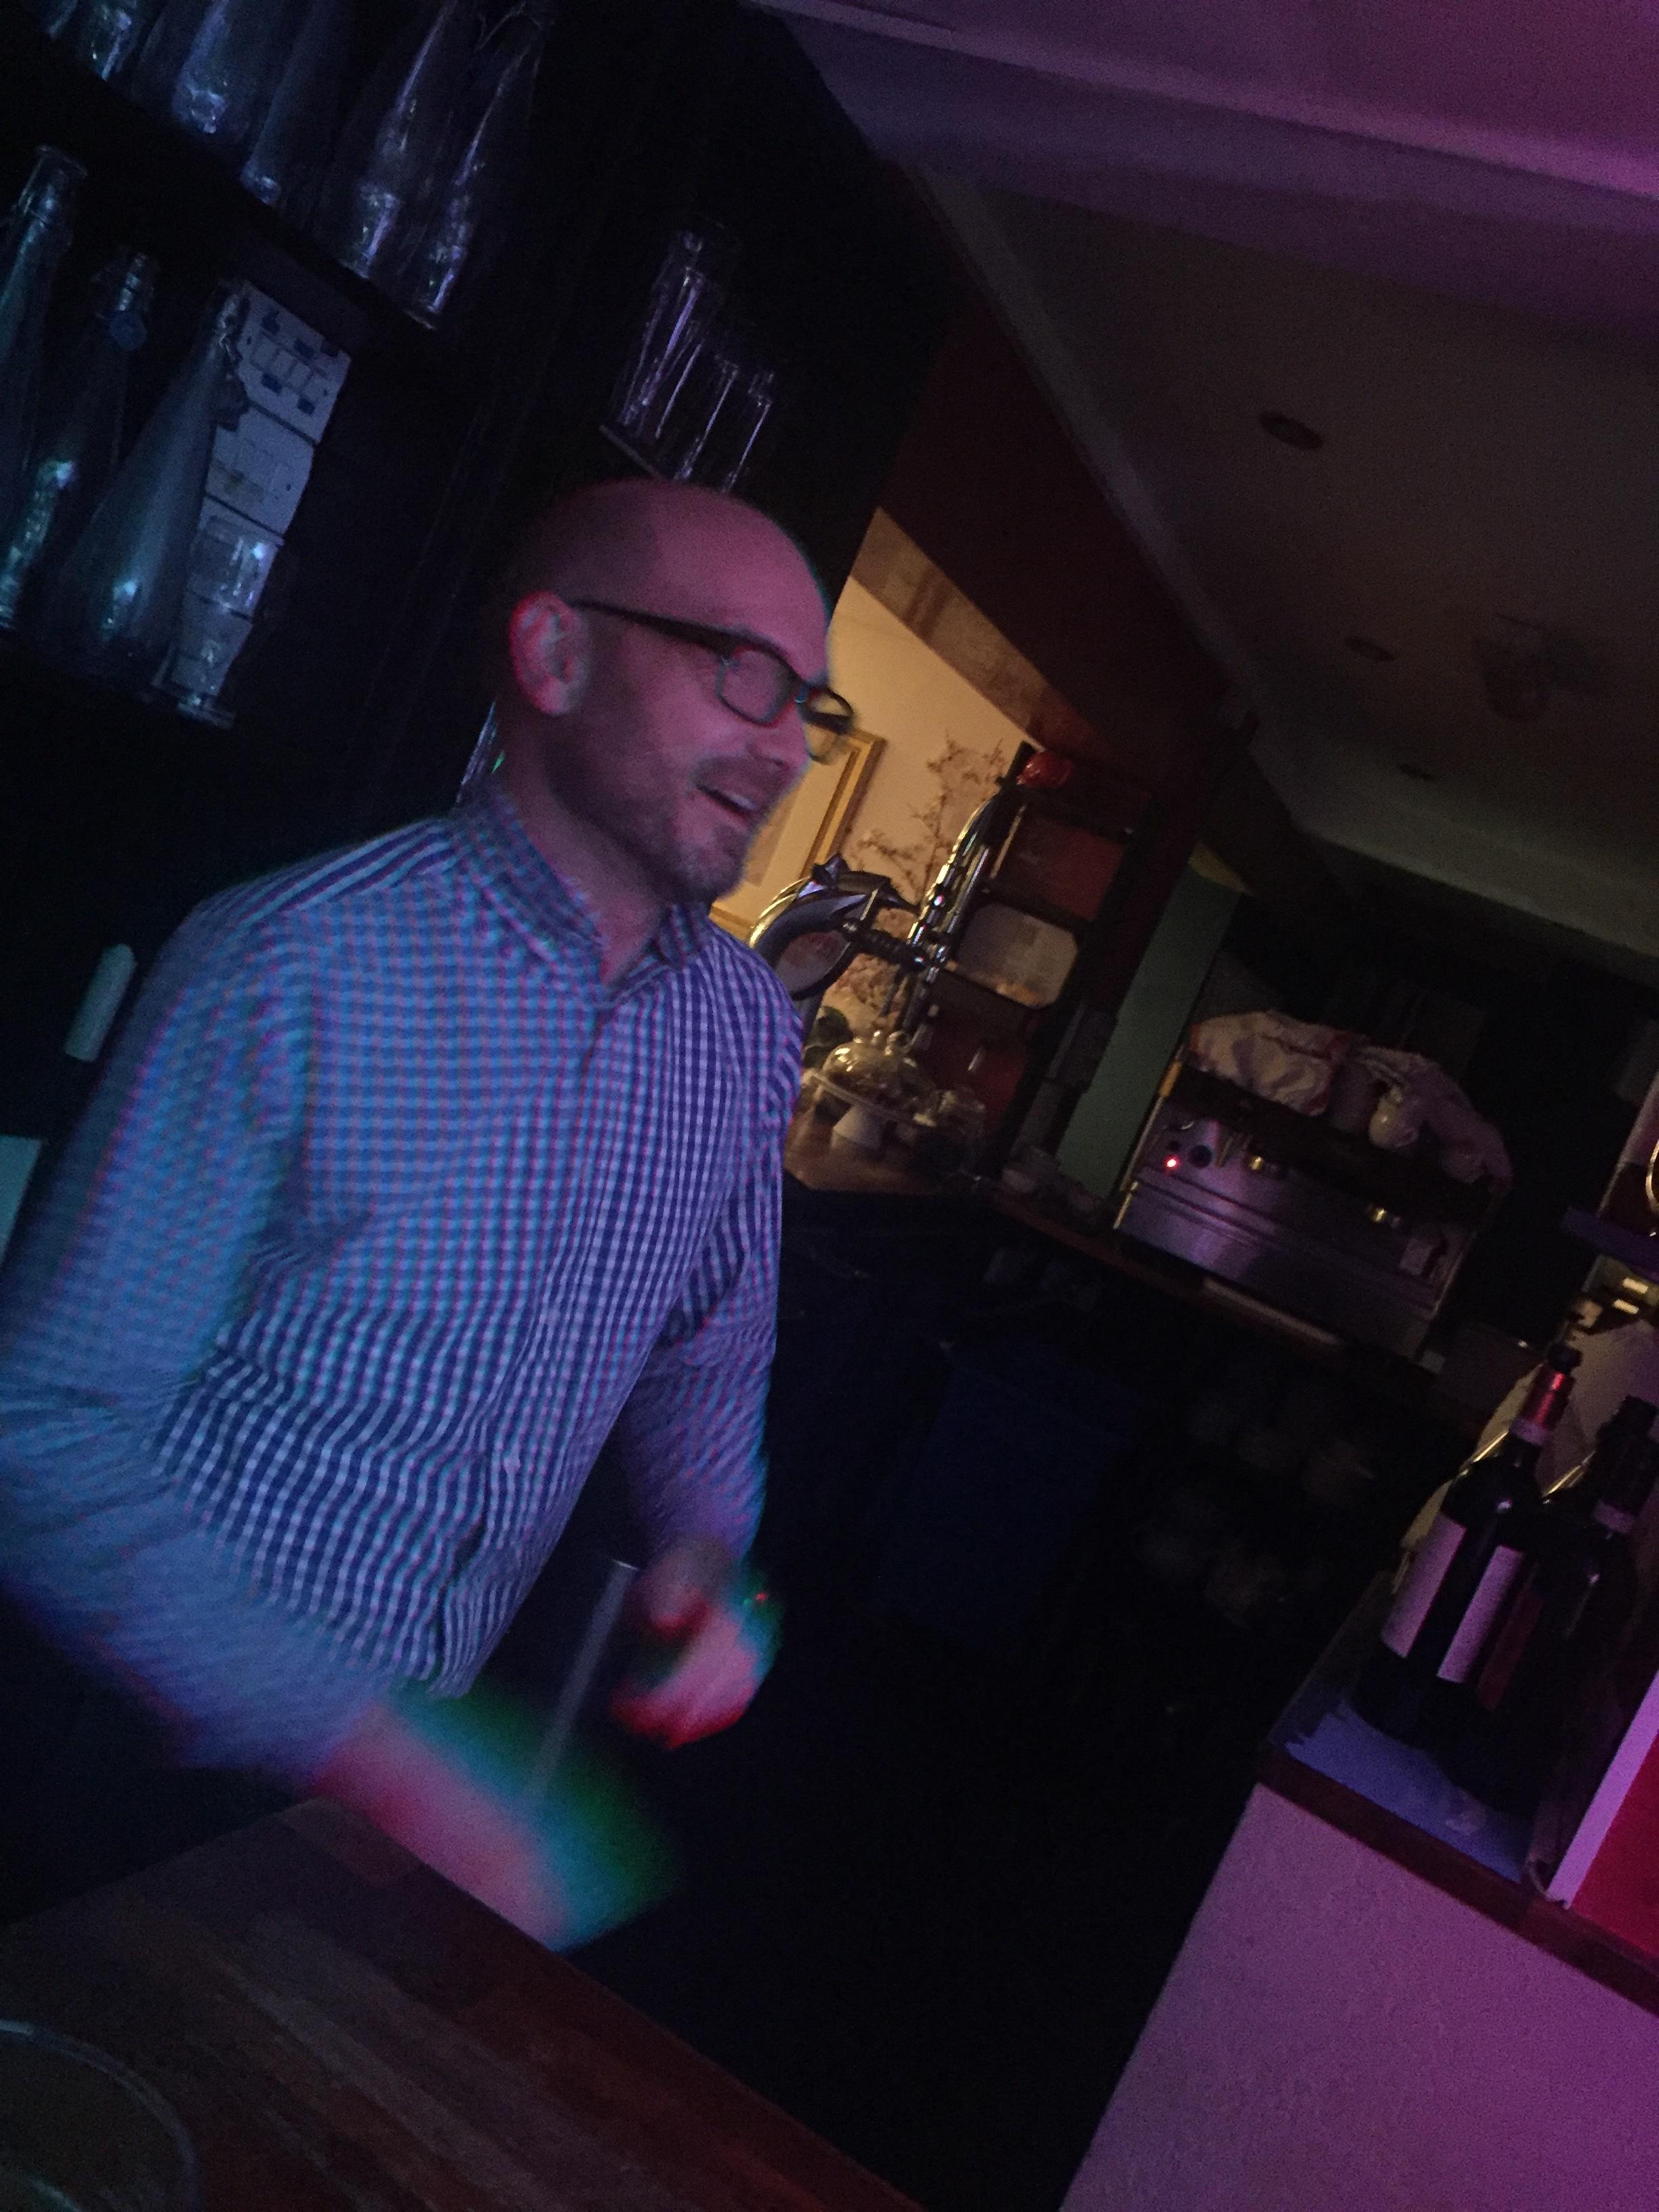 Boogying behind the bar